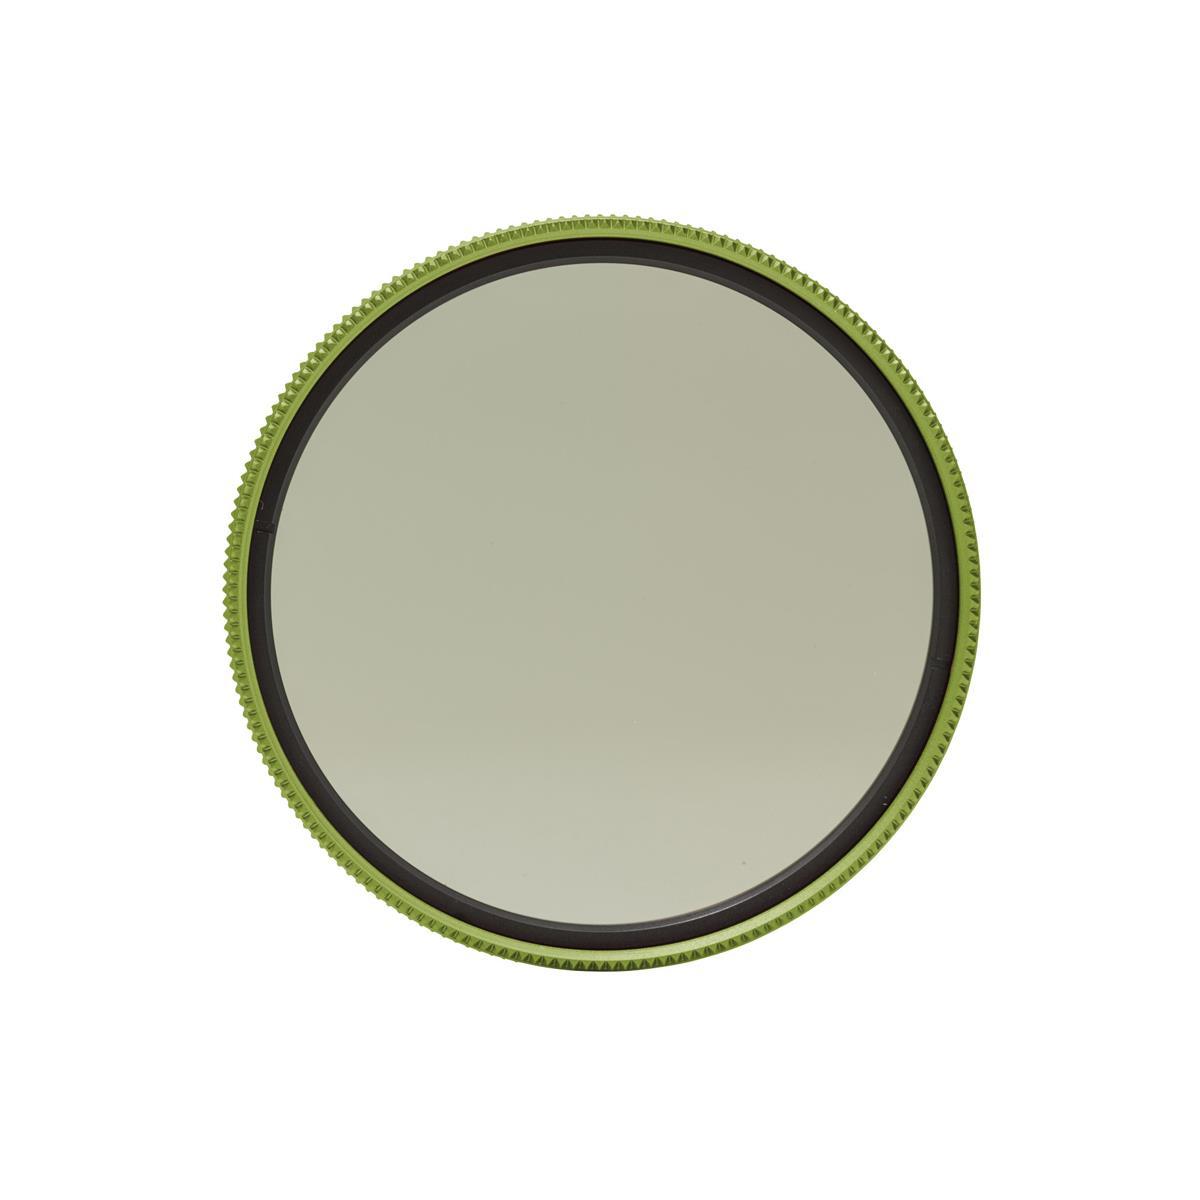 MeFOTO Wild Blue Yonder Circular Polarizer Filters: 55mm $7, 58mm $8, 62mm $9 + free s/h